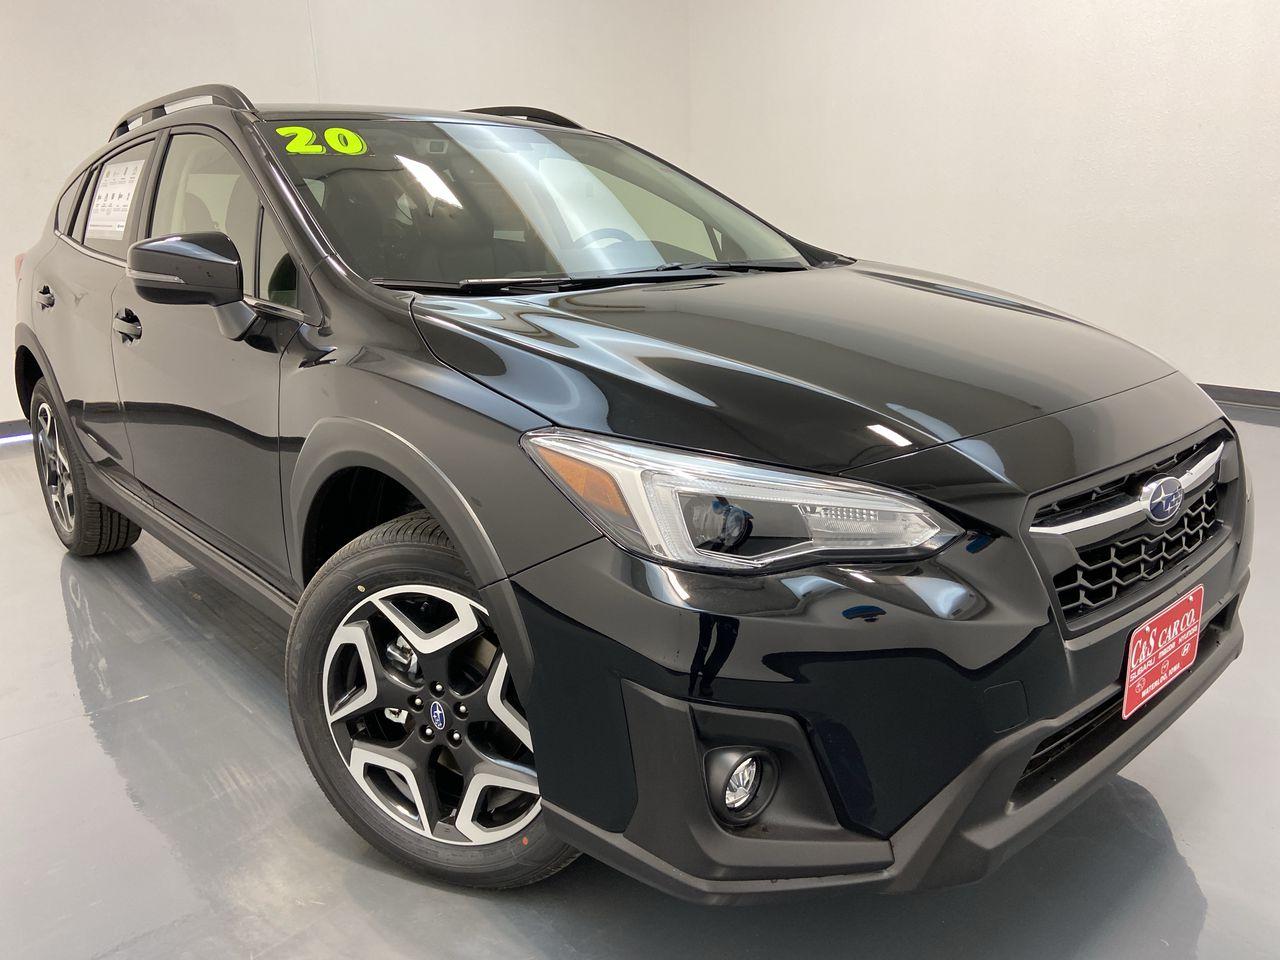 2020 Subaru Crosstrek  - SB8846  - C & S Car Company